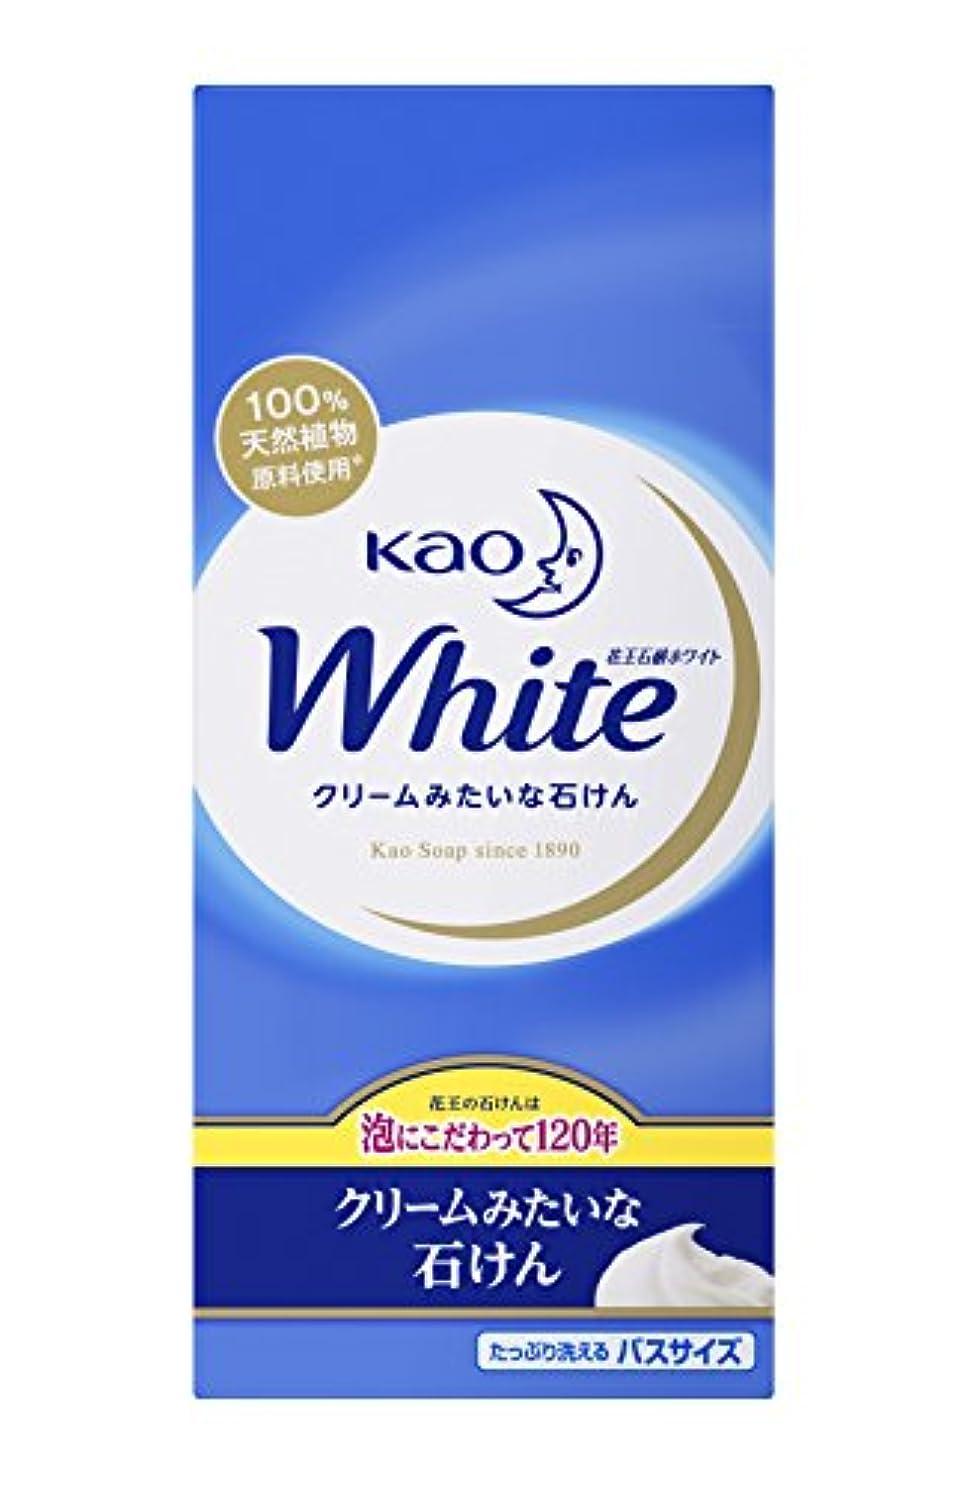 クラブ迫害穿孔する花王ホワイト バスサイズ 6コ箱